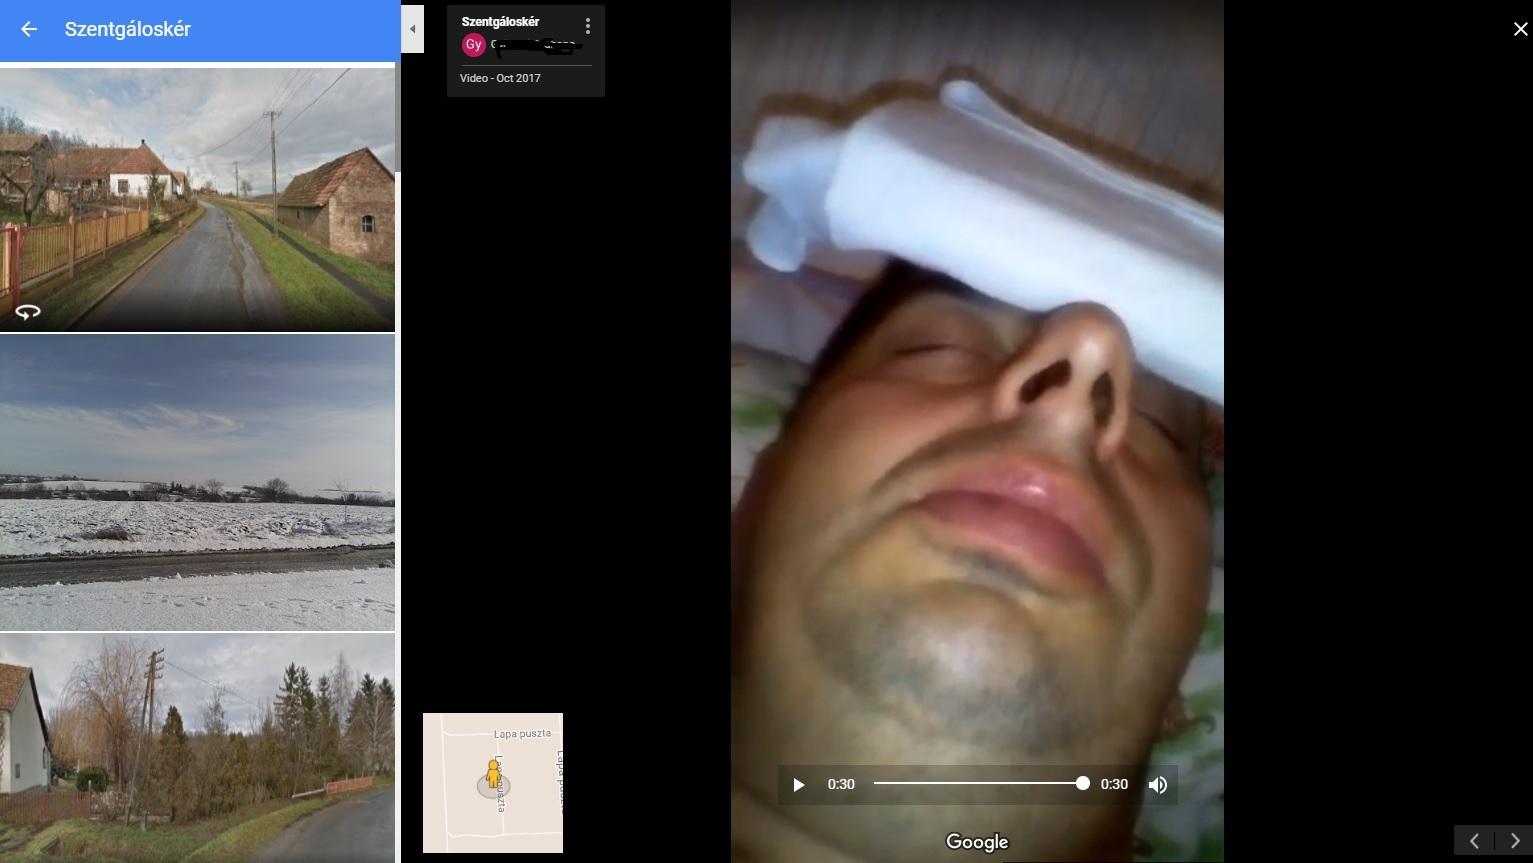 Keress rá a Google Mapsen Szentgáloskér községre, kattints a képekre, gördíts lefelé és meglátod a Totál Megkészülve Hortyogó Fickót!